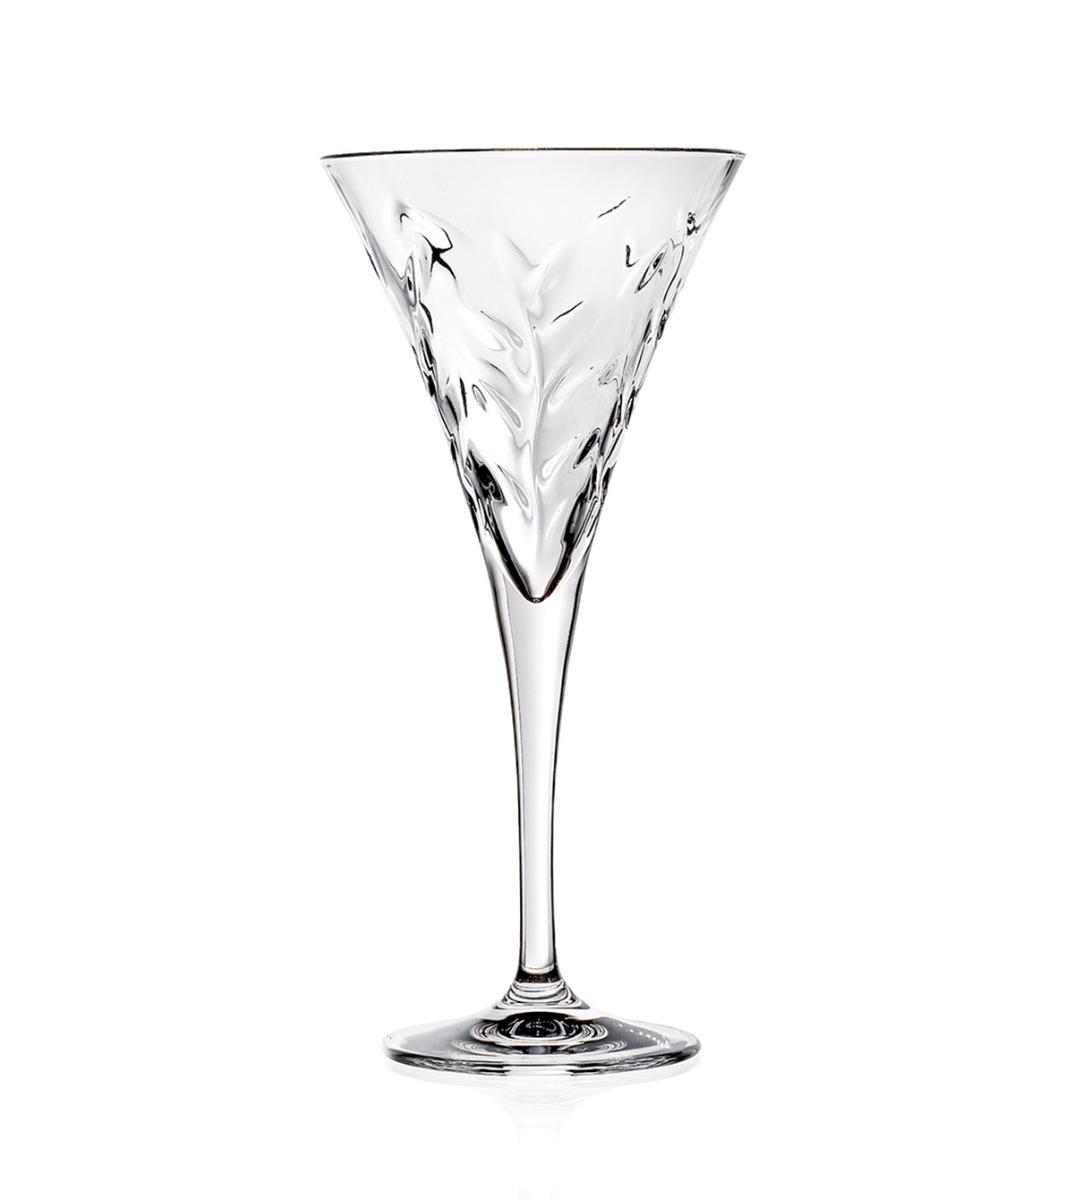 Calici Vino E Acqua set bicchieri calici laurus 6 pezzi acqua vino flute 21cl 17cl 12cl vetro  cristalleria rcr giosal